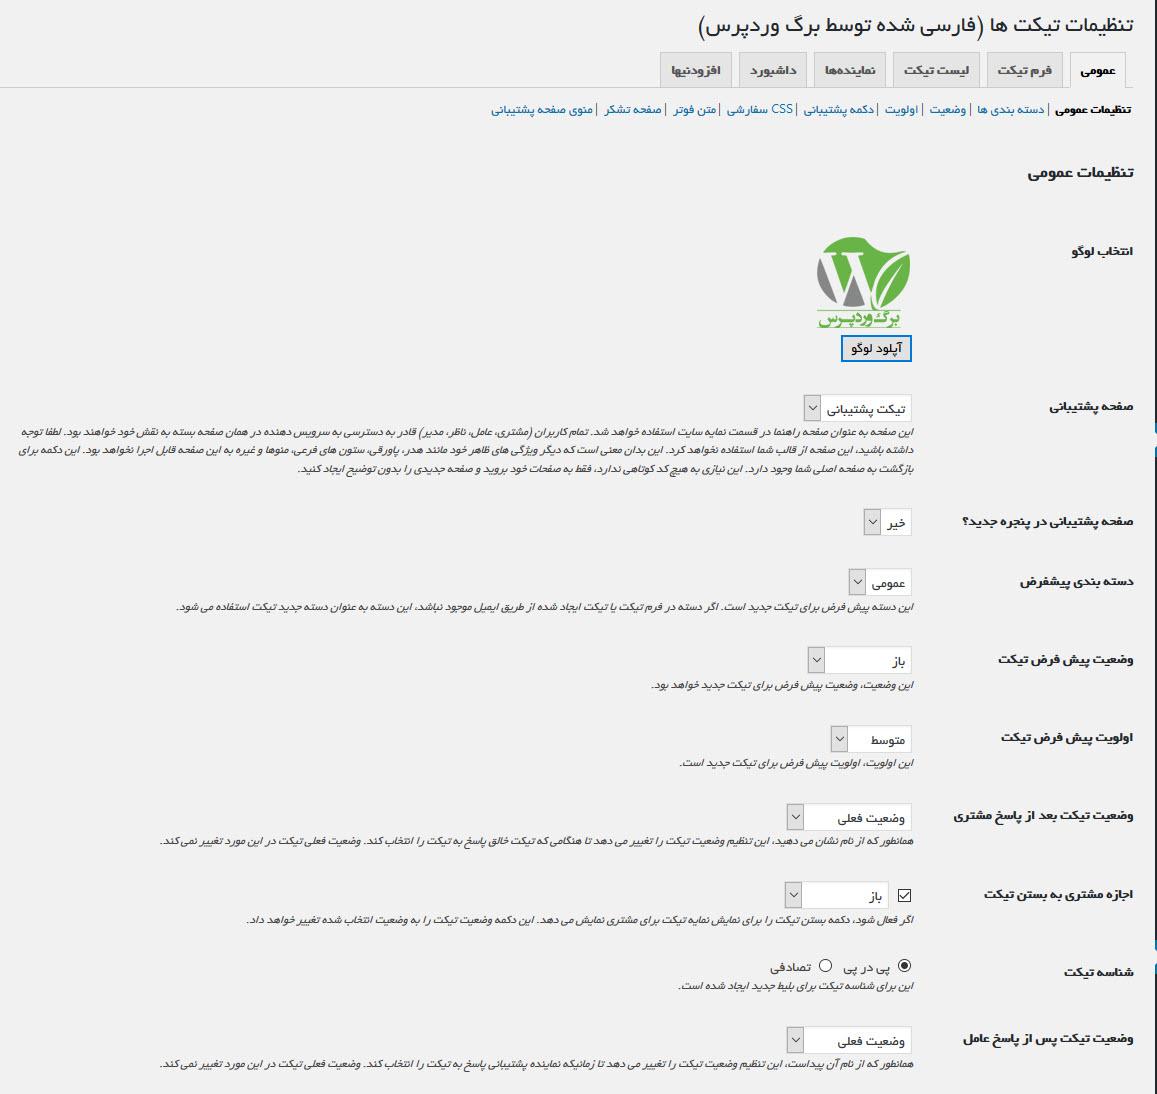 افزونه فارسی تیکت پشتیبانی WP Support Plus نسخه 9.0.0